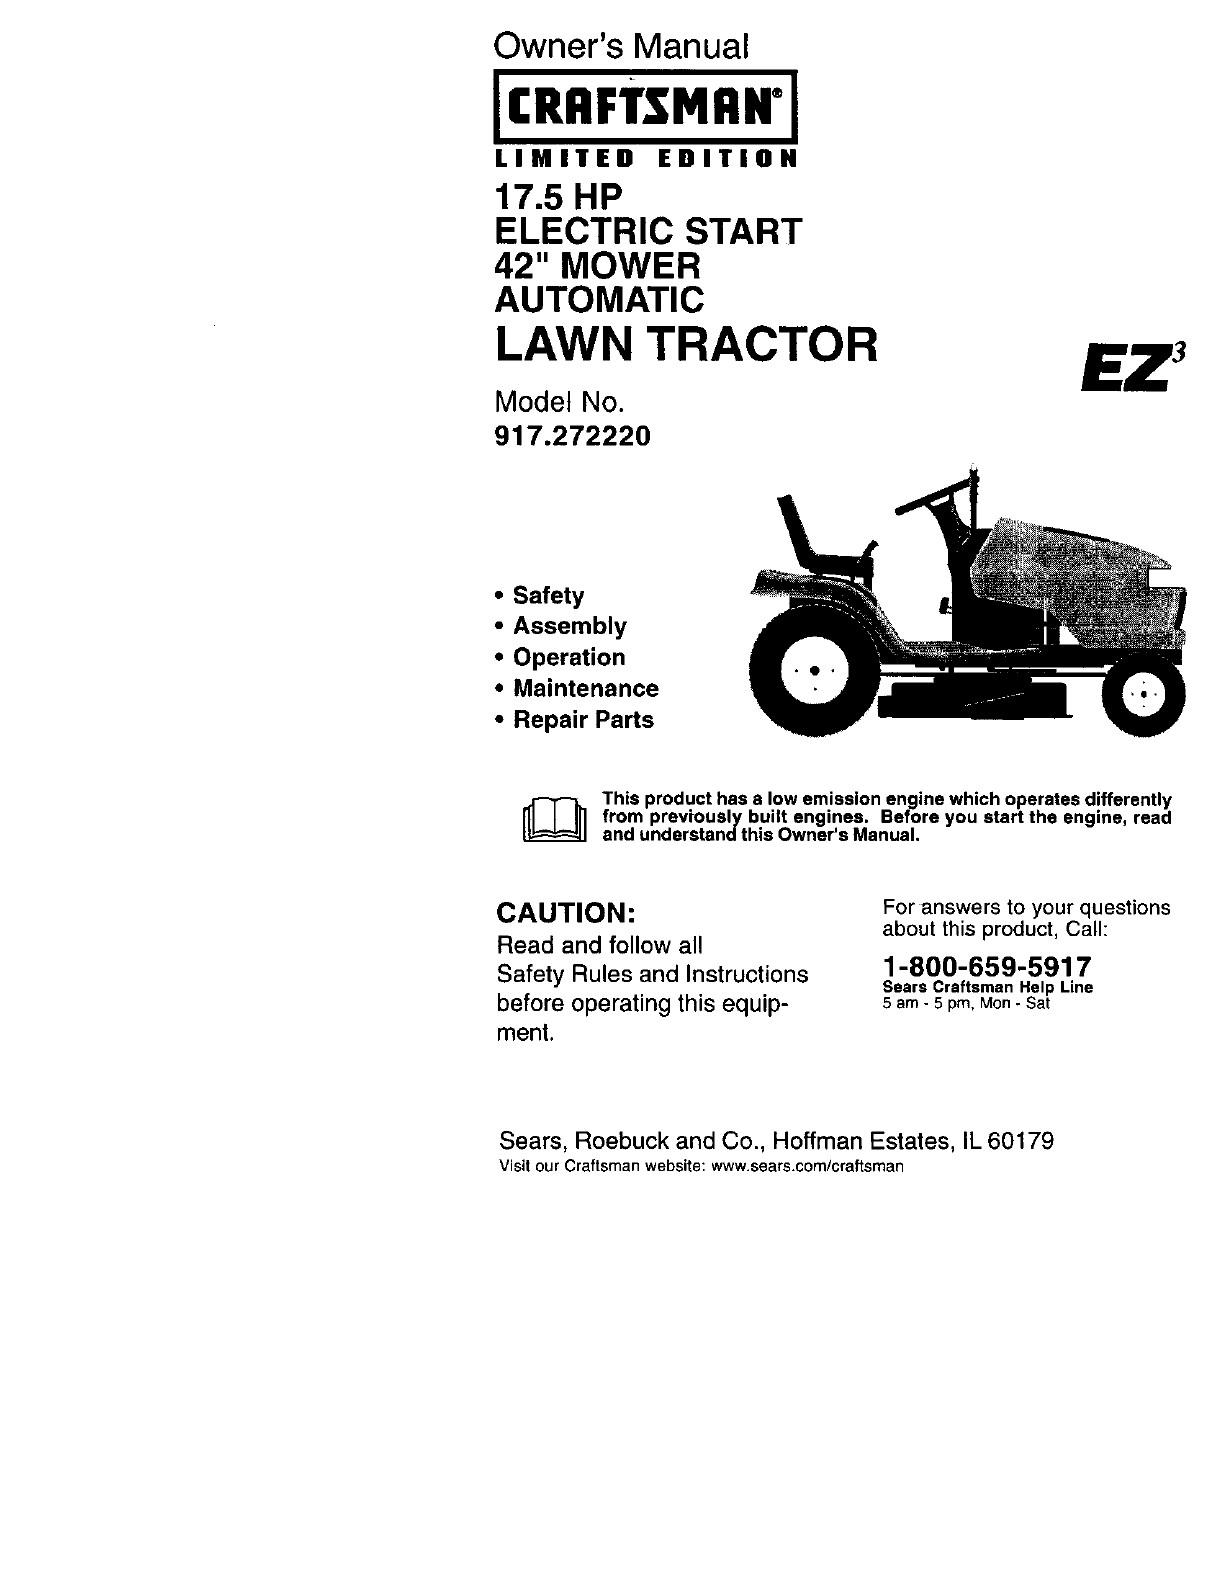 Craftsman Tractor Parts Diagram Craftsman User Manual Lawn Tractor Manuals and Of Craftsman Tractor Parts Diagram